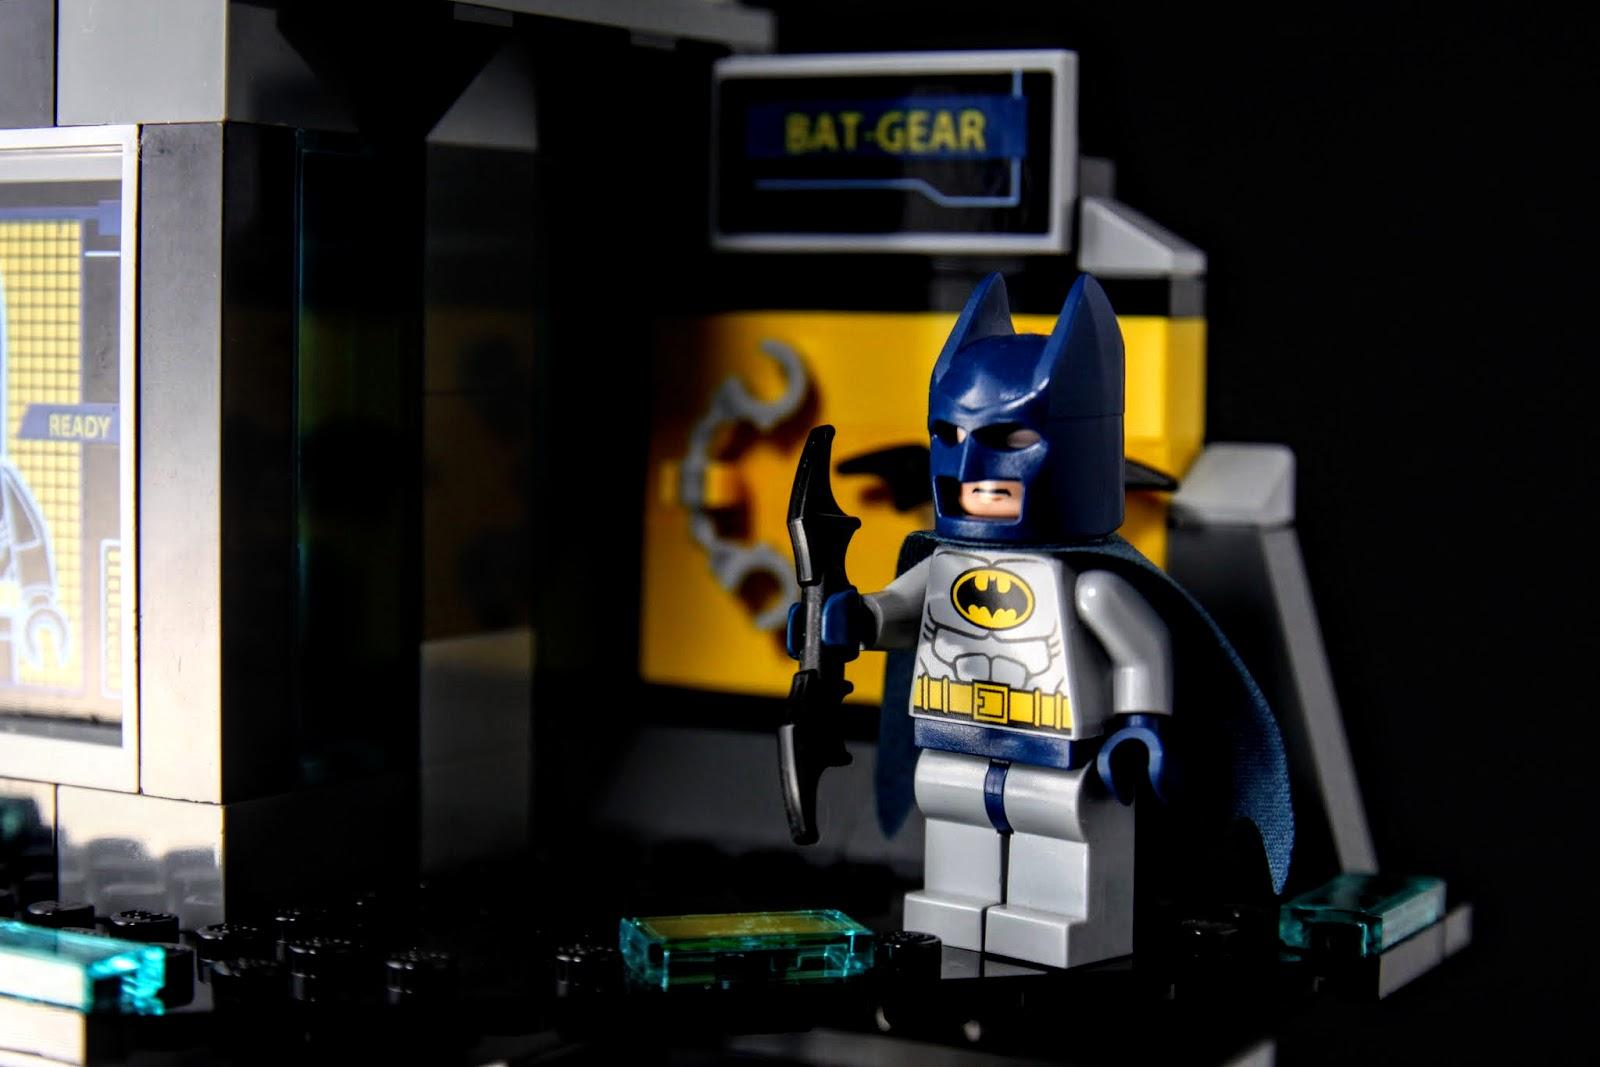 最後還是選擇了蝙蝠標~再怎麼選也是這個